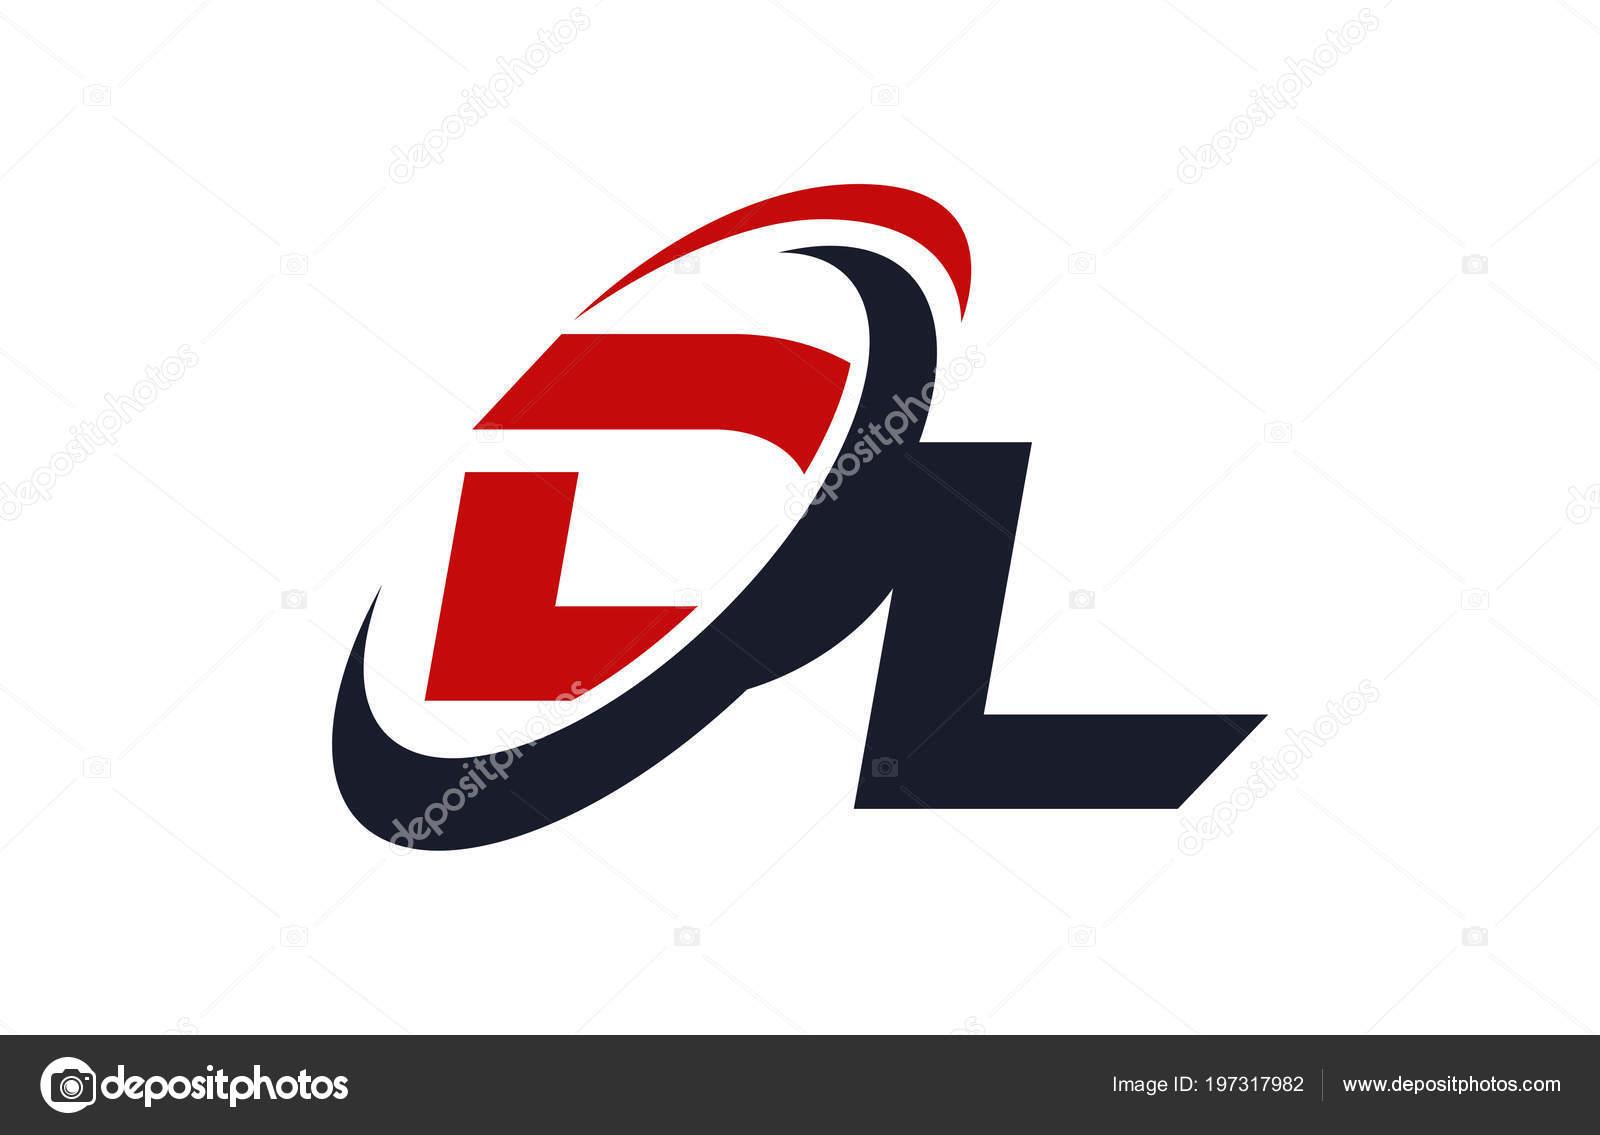 Logo Swoosh Global Red Letter Vector Concept Stock Vector C Depositvectors 197317982